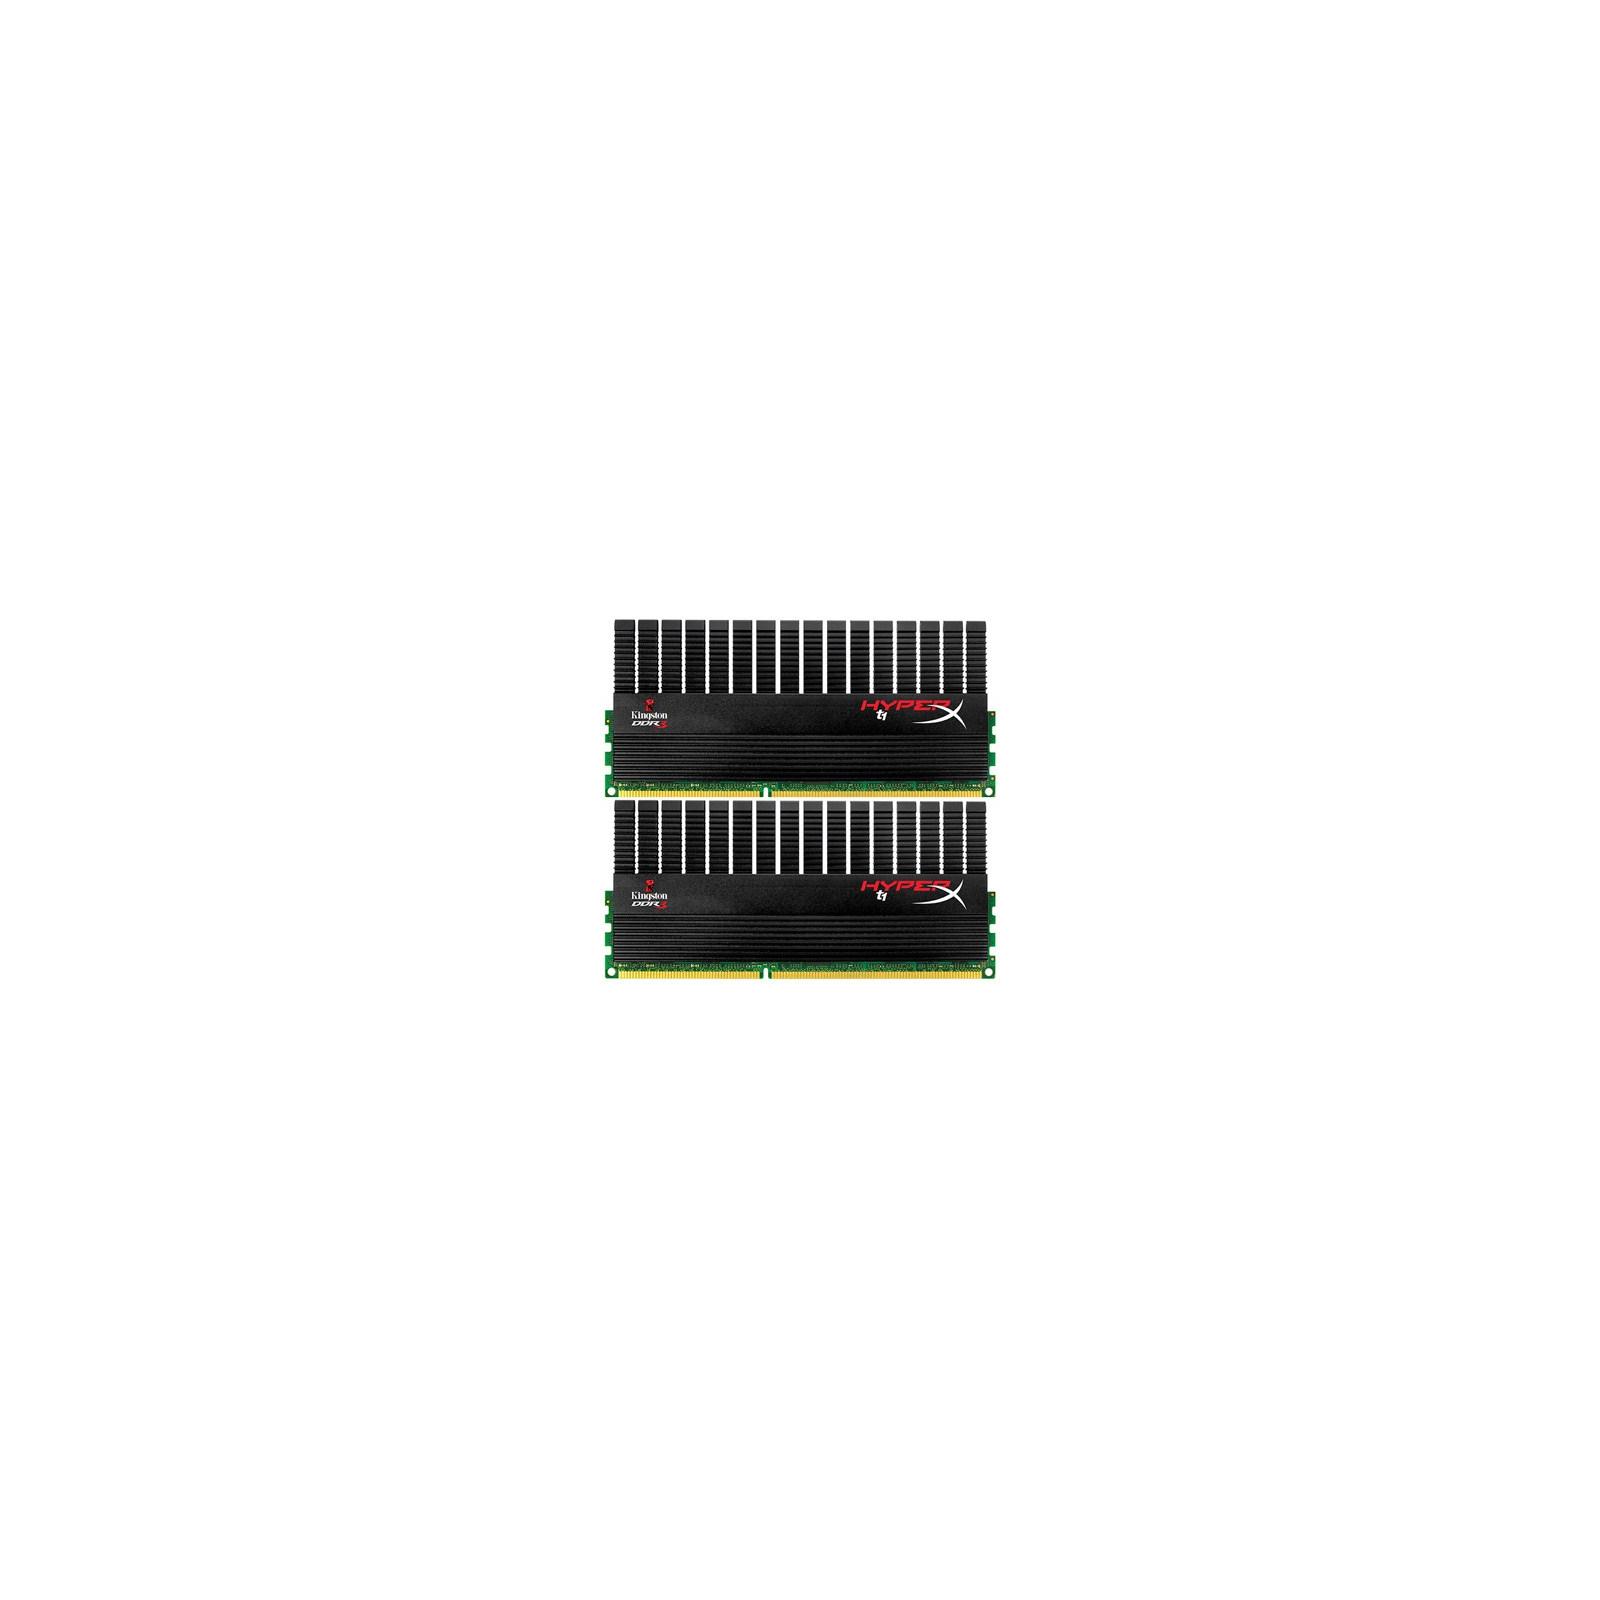 Модуль памяти для компьютера DDR3 8GB (2x4GB) 2133 MHz Kingston (KHX21C11T1BK2/8X)